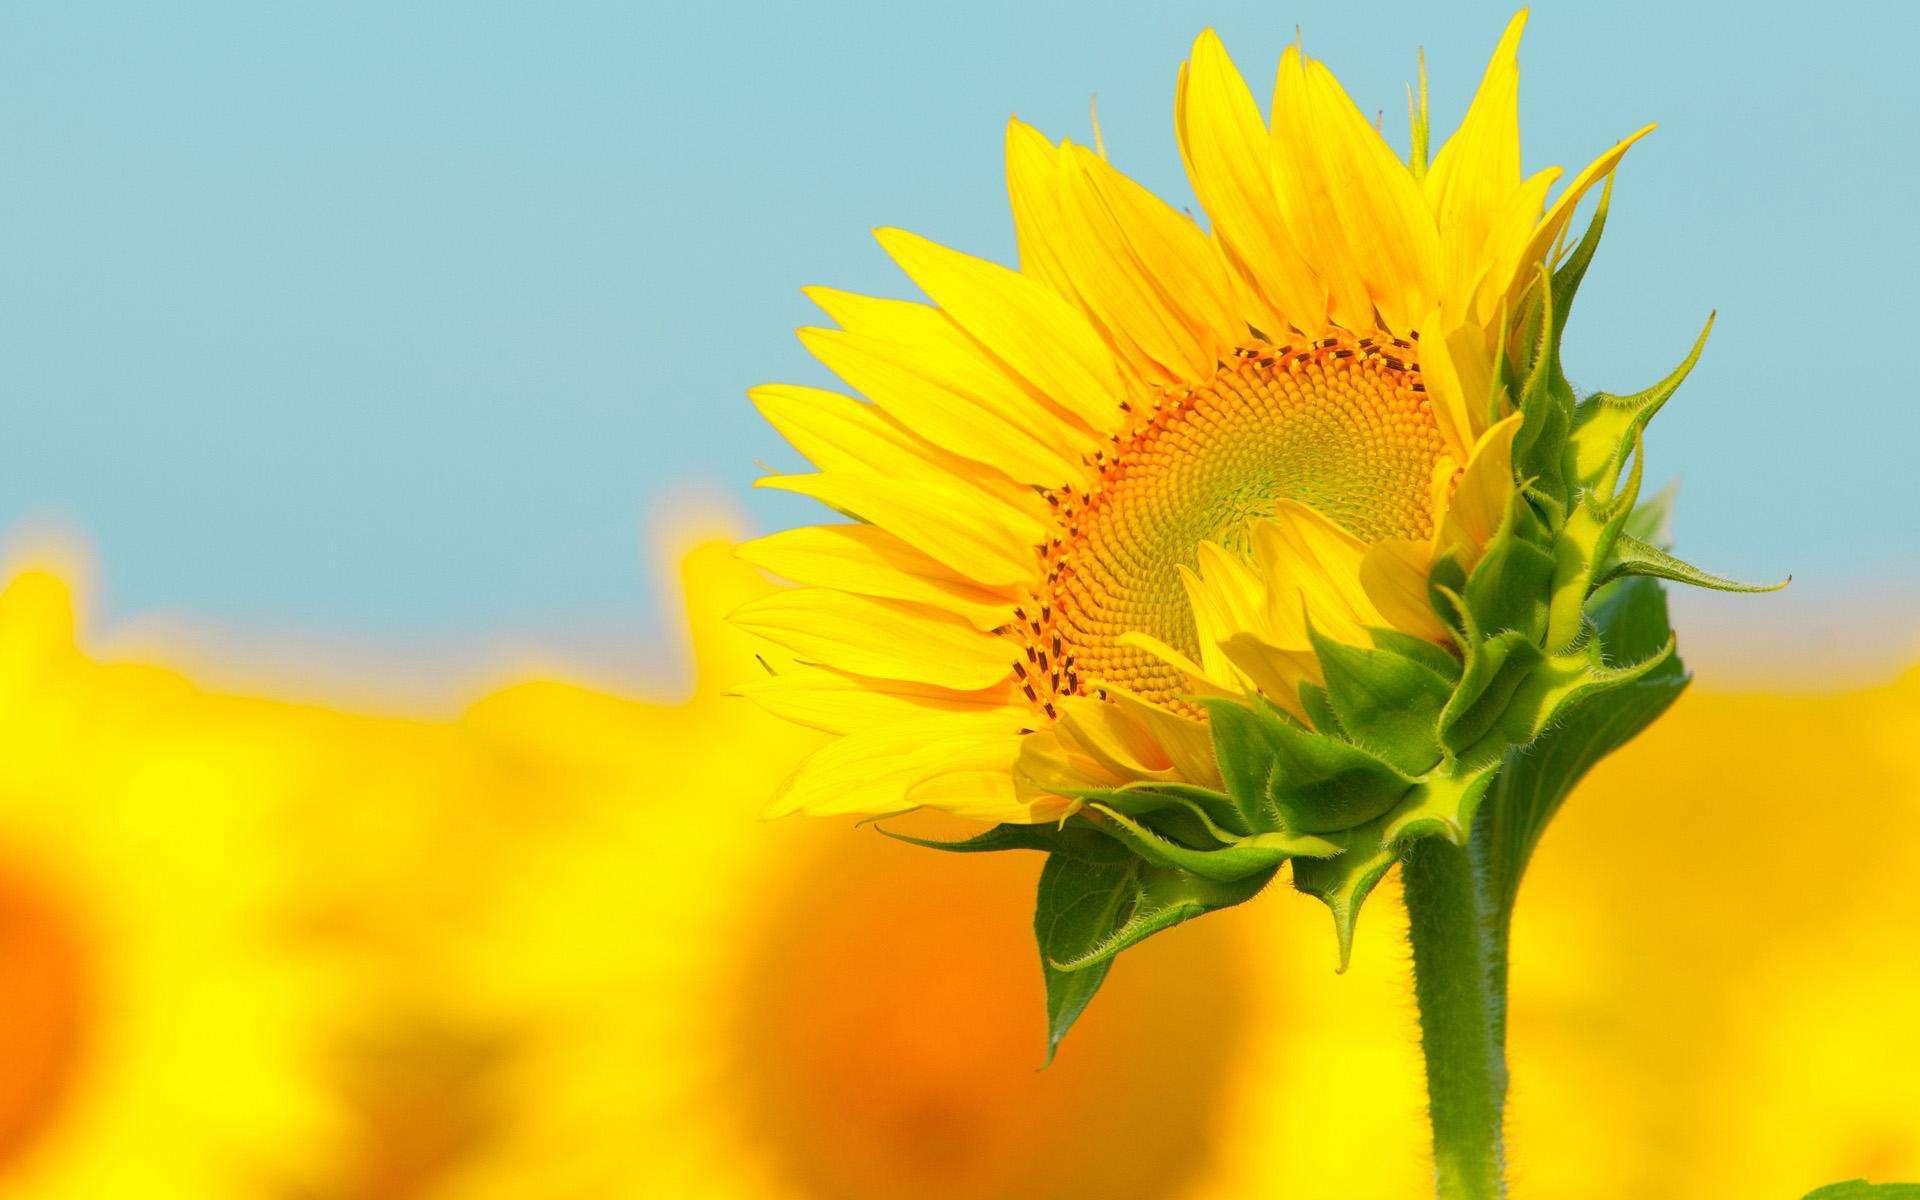 阳光积极向上的的早安励志语录:永远年轻,永远热泪盈